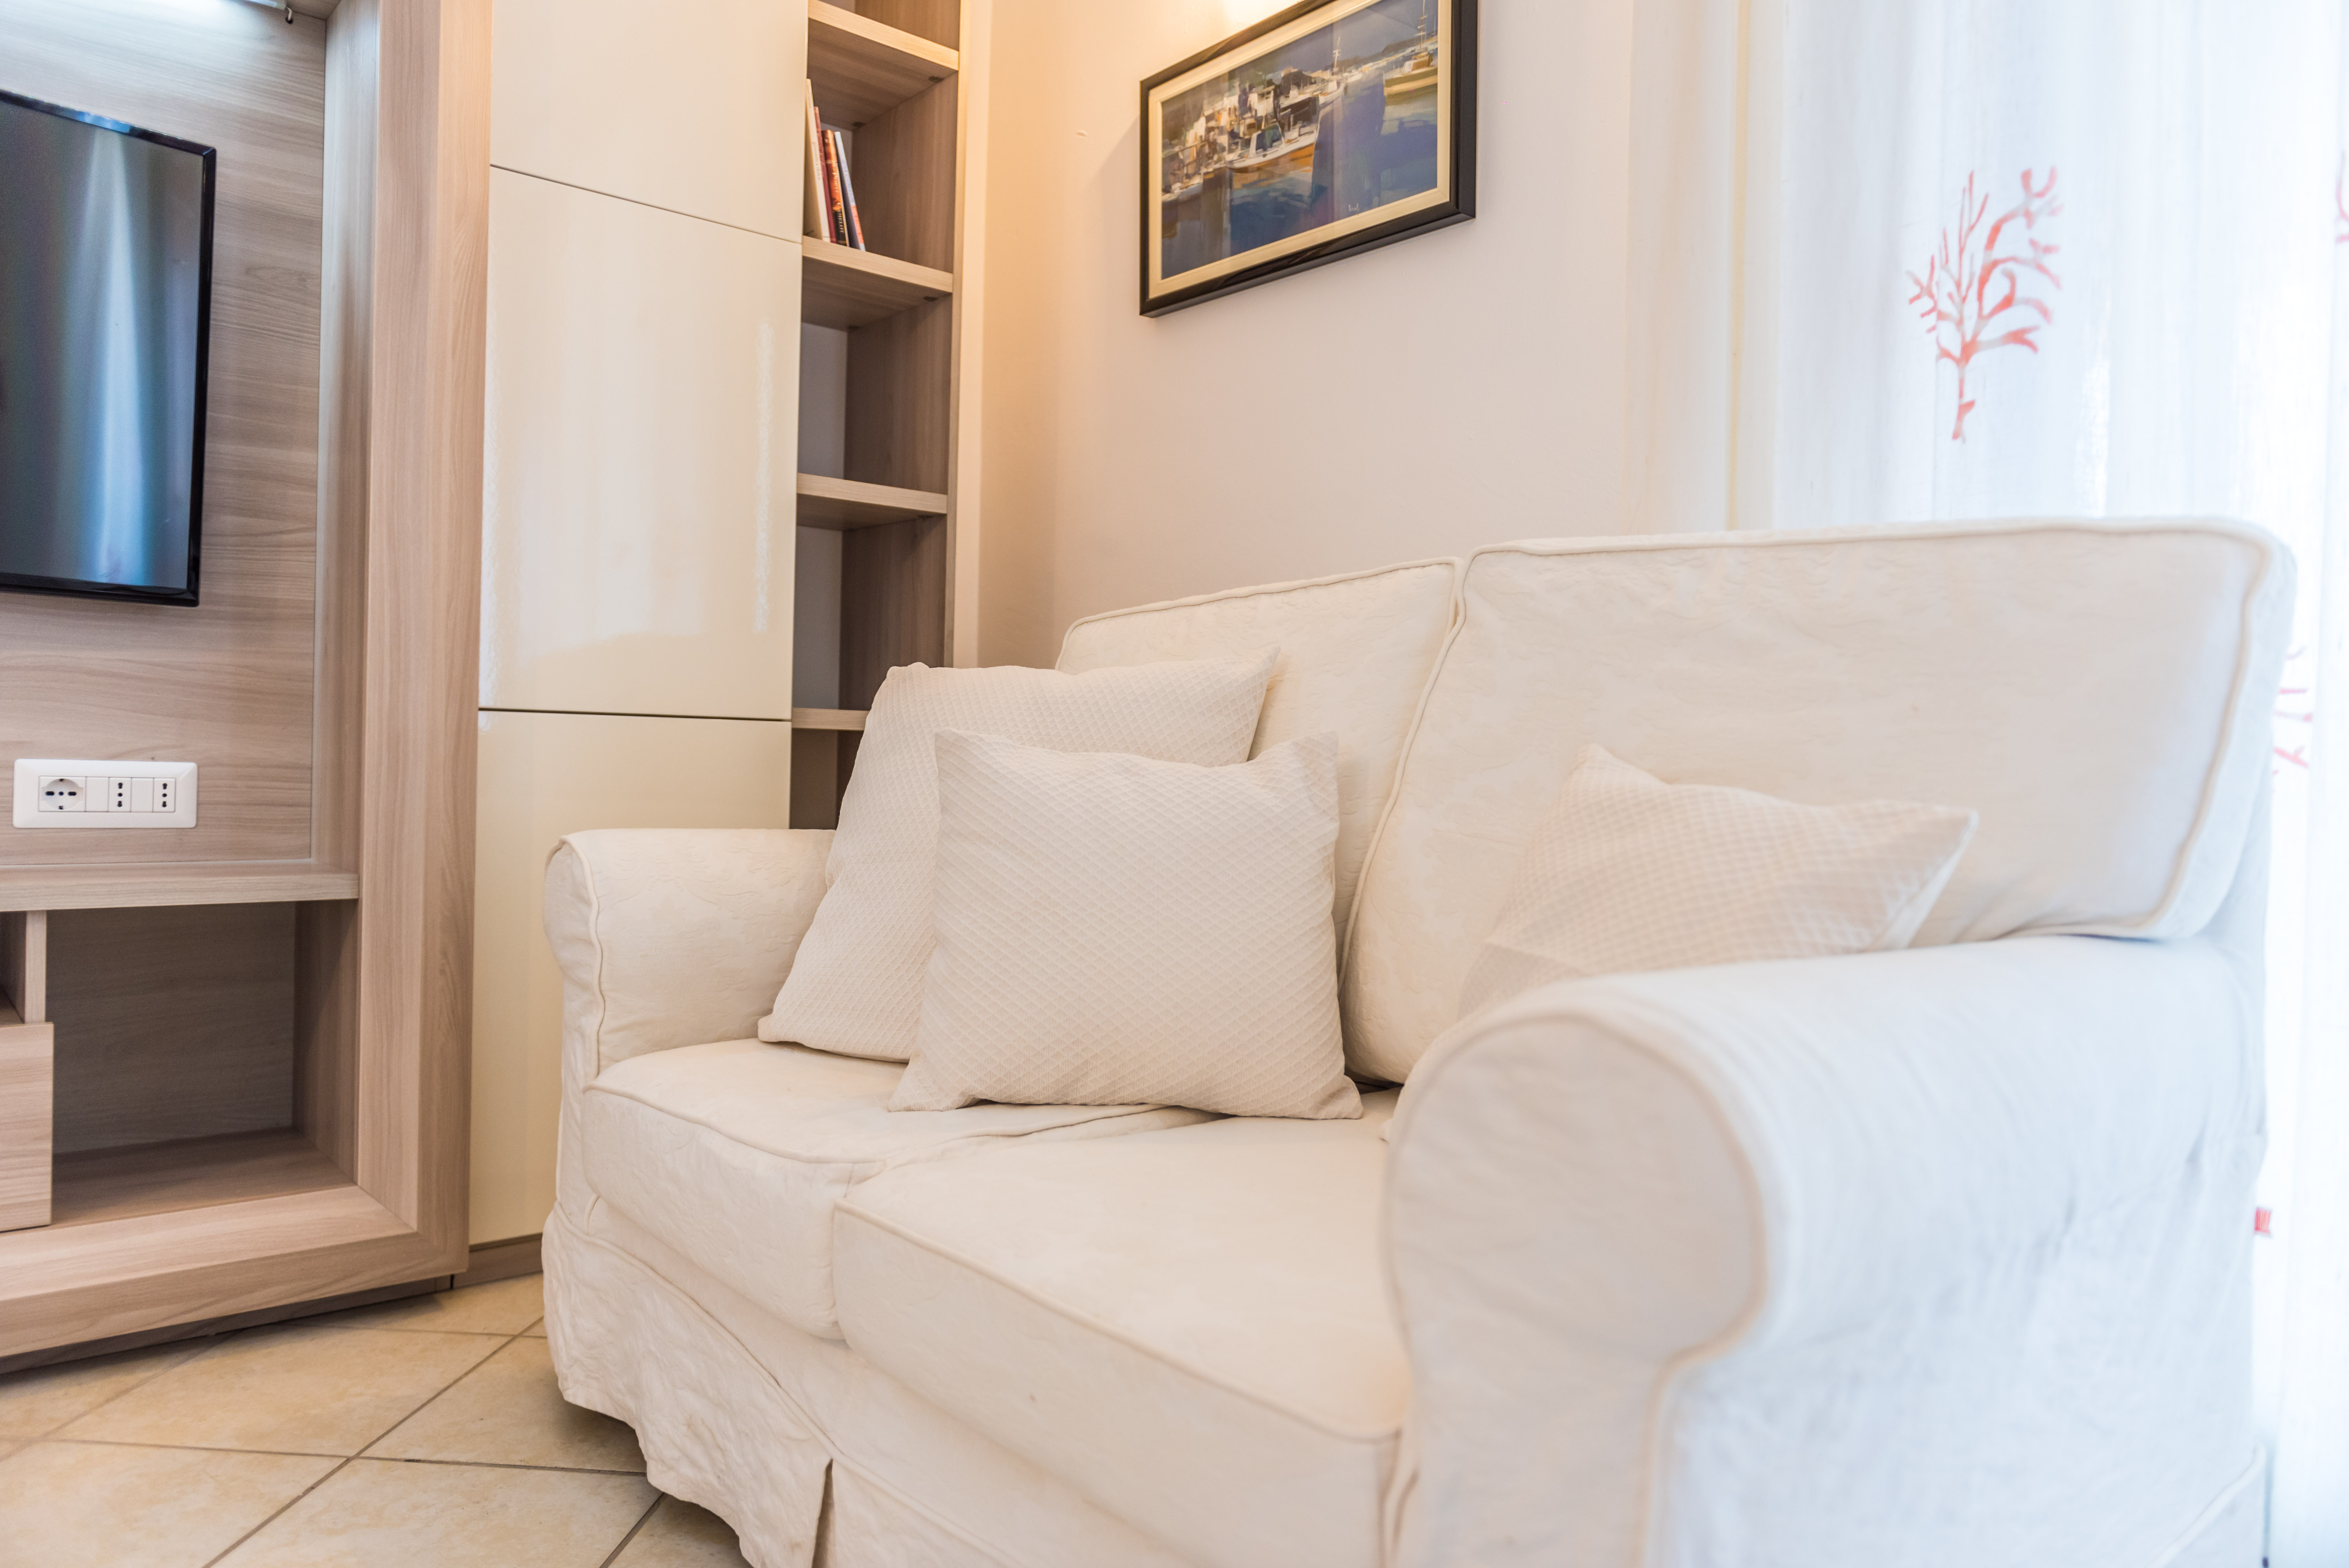 appartamento_6679